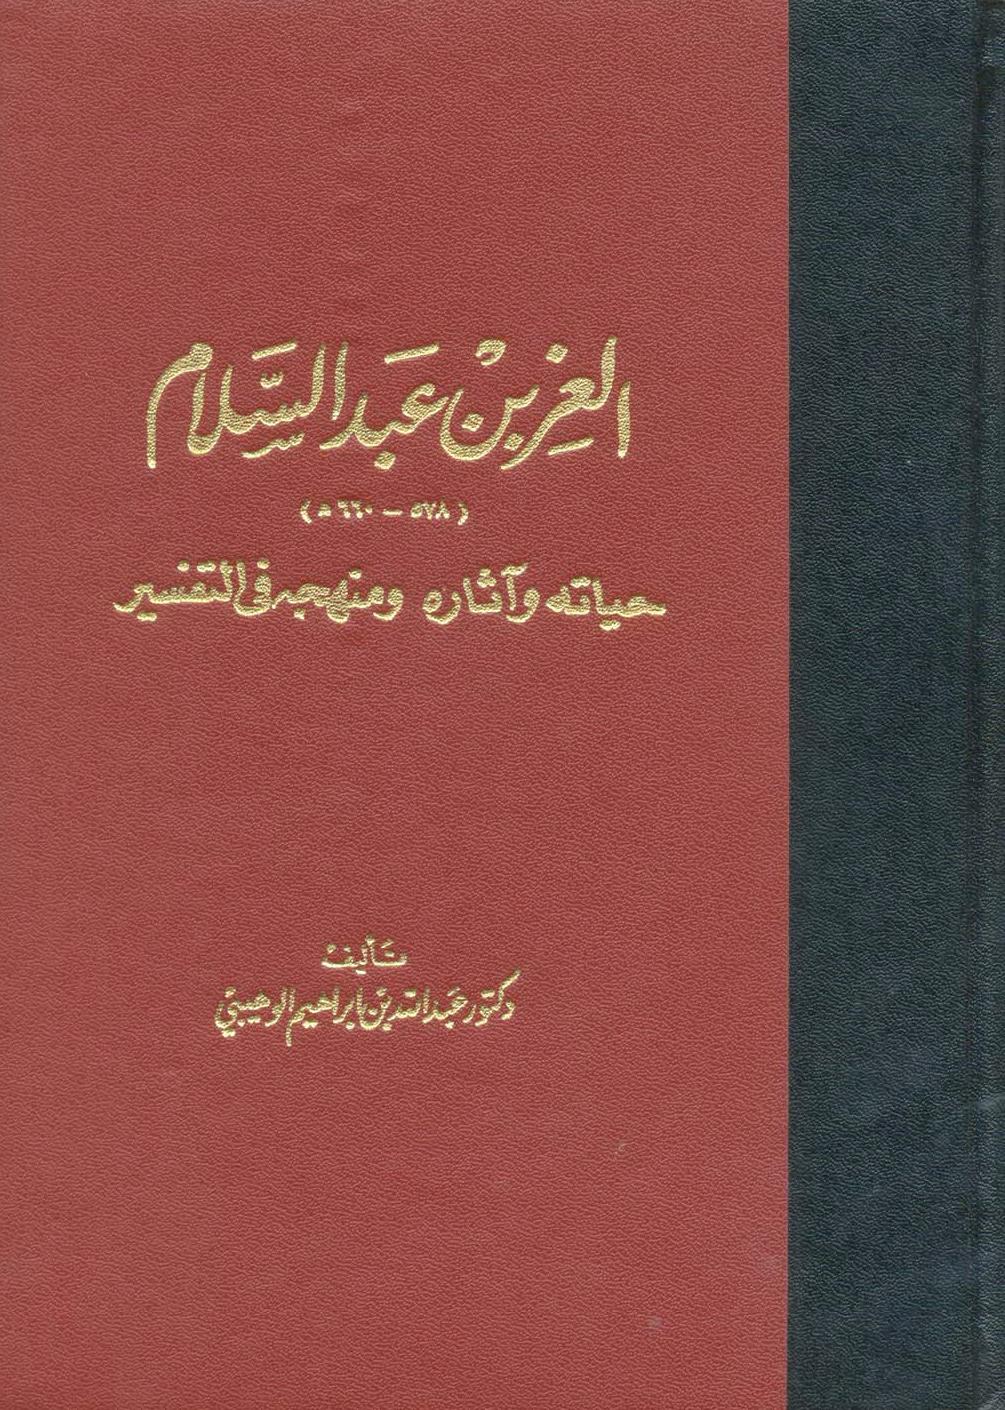 تحميل كتاب العز بن عبد السلام حياته وآثاره ومنهجه في التفسير لـِ: الدكتور عبد الله بن إبراهيم الوهيبي